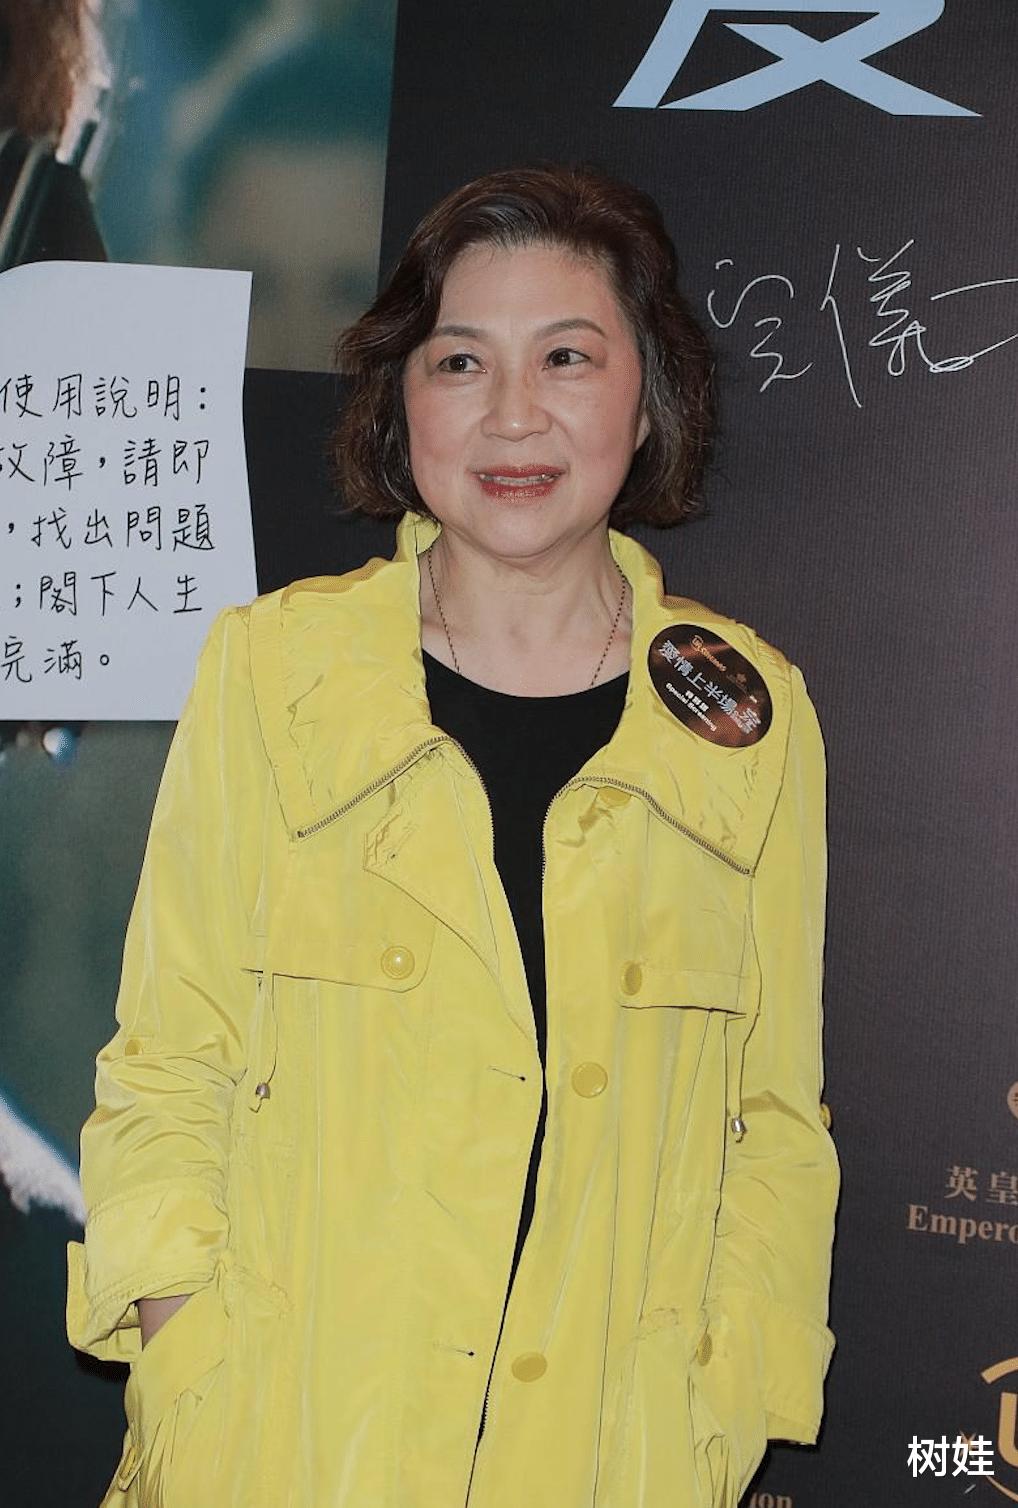 吳浣儀上節目罕有聊TVB,曾扮演方逸華被封殺,離巢30年無怨無悔-圖3